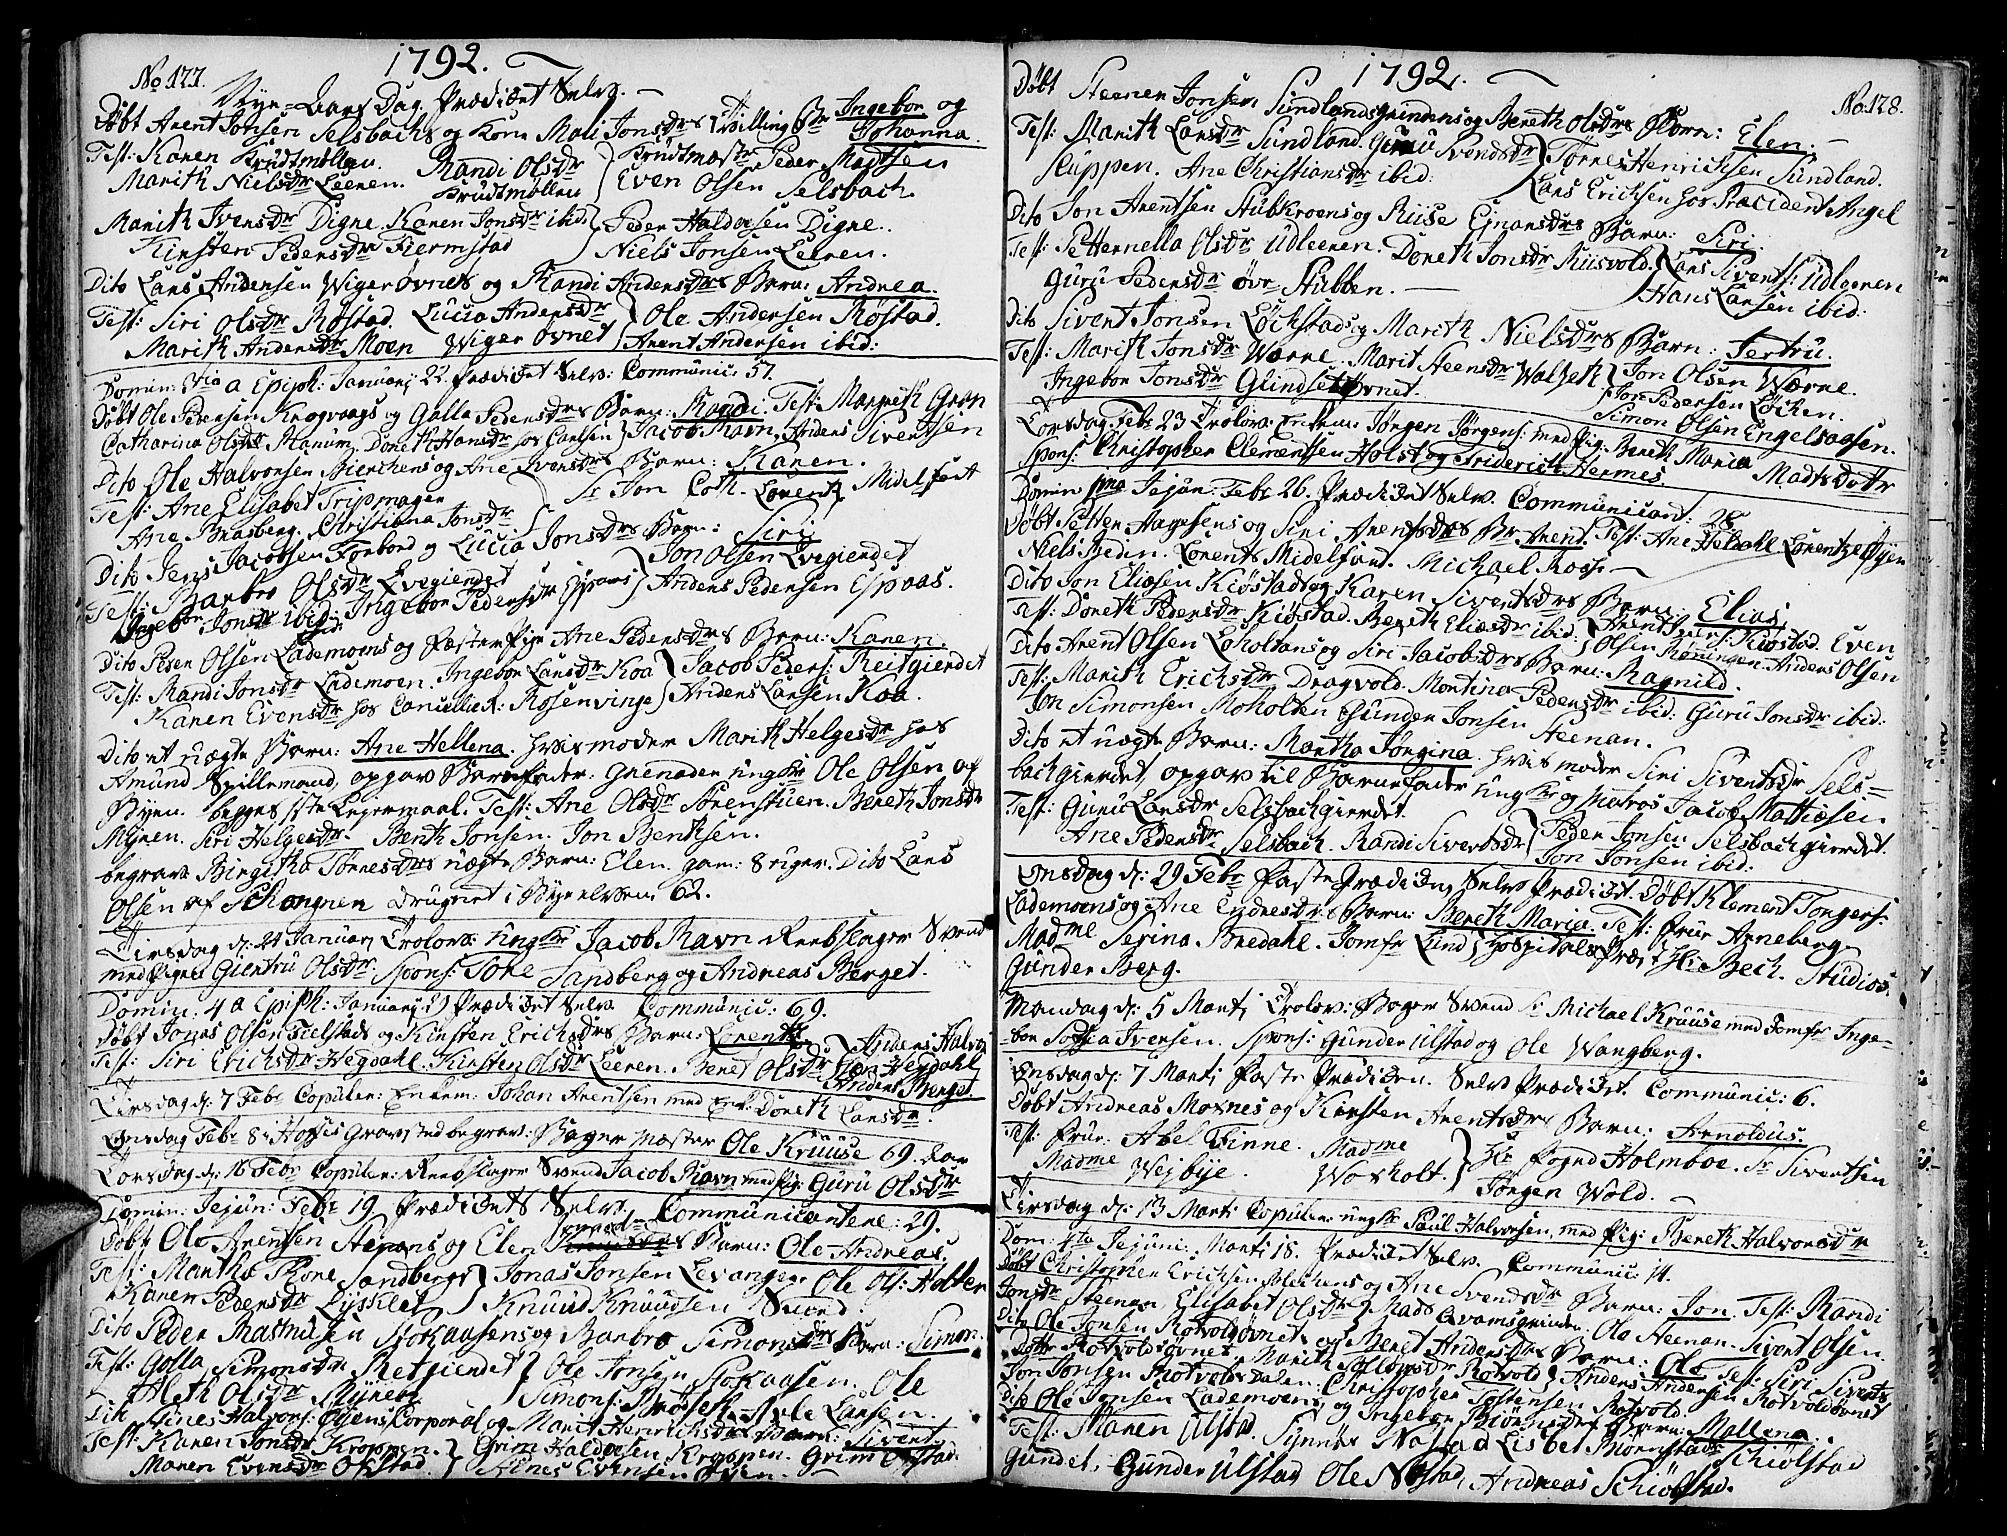 SAT, Ministerialprotokoller, klokkerbøker og fødselsregistre - Sør-Trøndelag, 604/L0180: Ministerialbok nr. 604A01, 1780-1797, s. 127-128